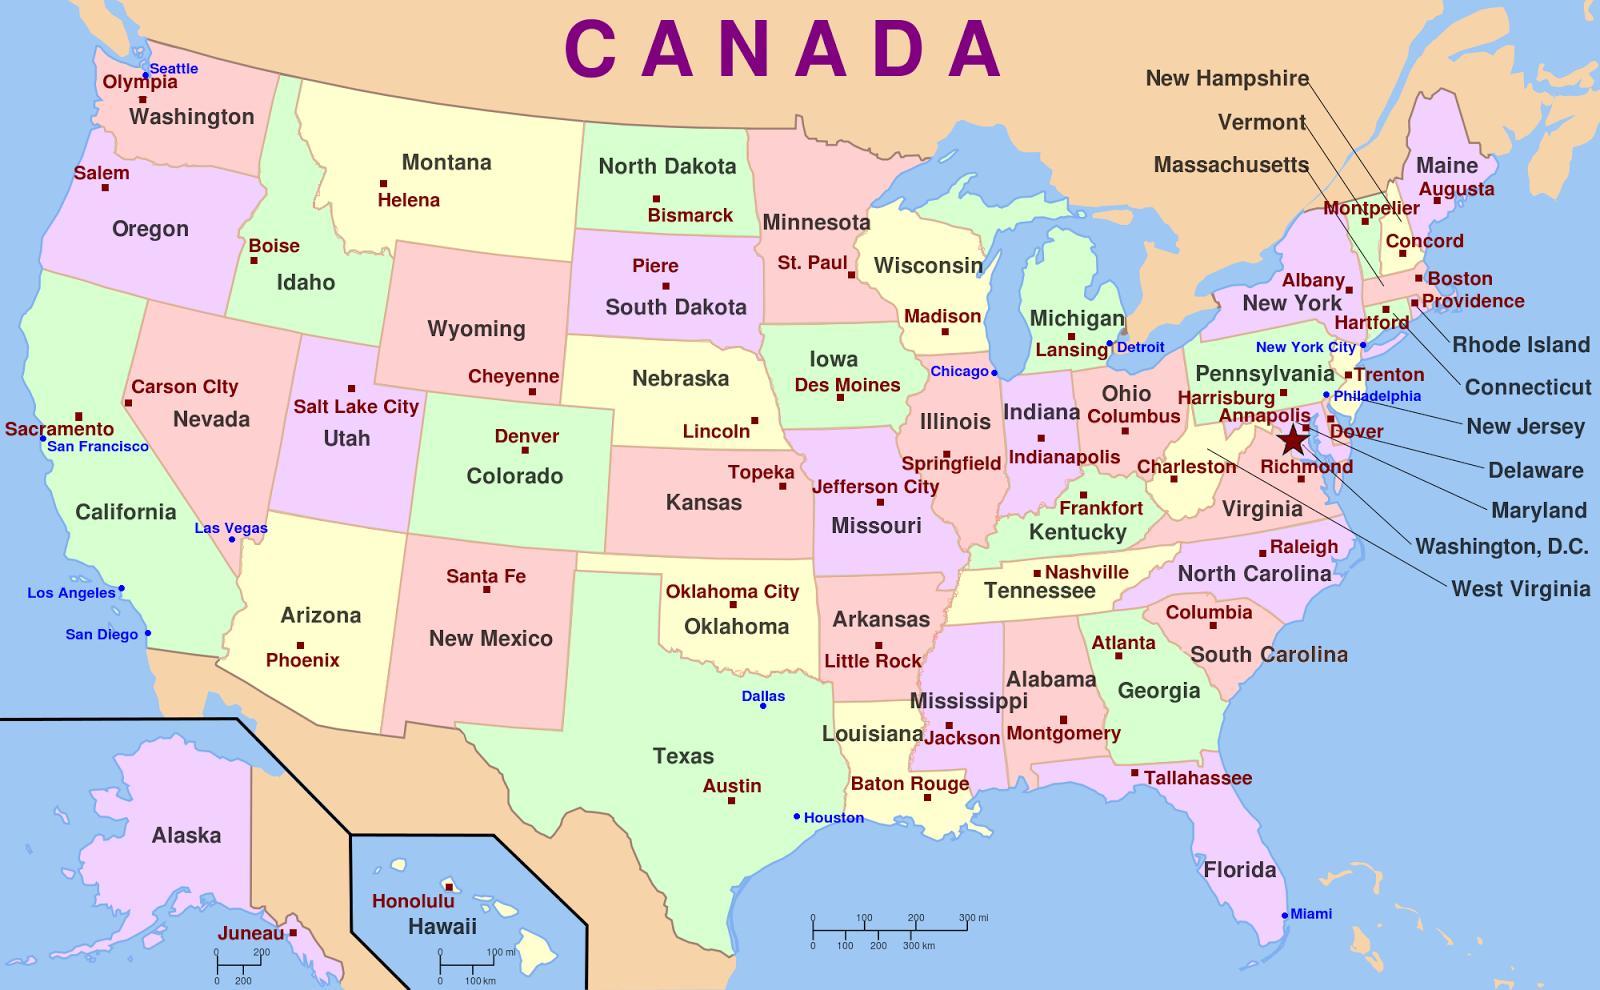 mapa sad Mapa SAD gradove   Mapa SAD i gradove (Sjevernoj Americi   Americi) mapa sad